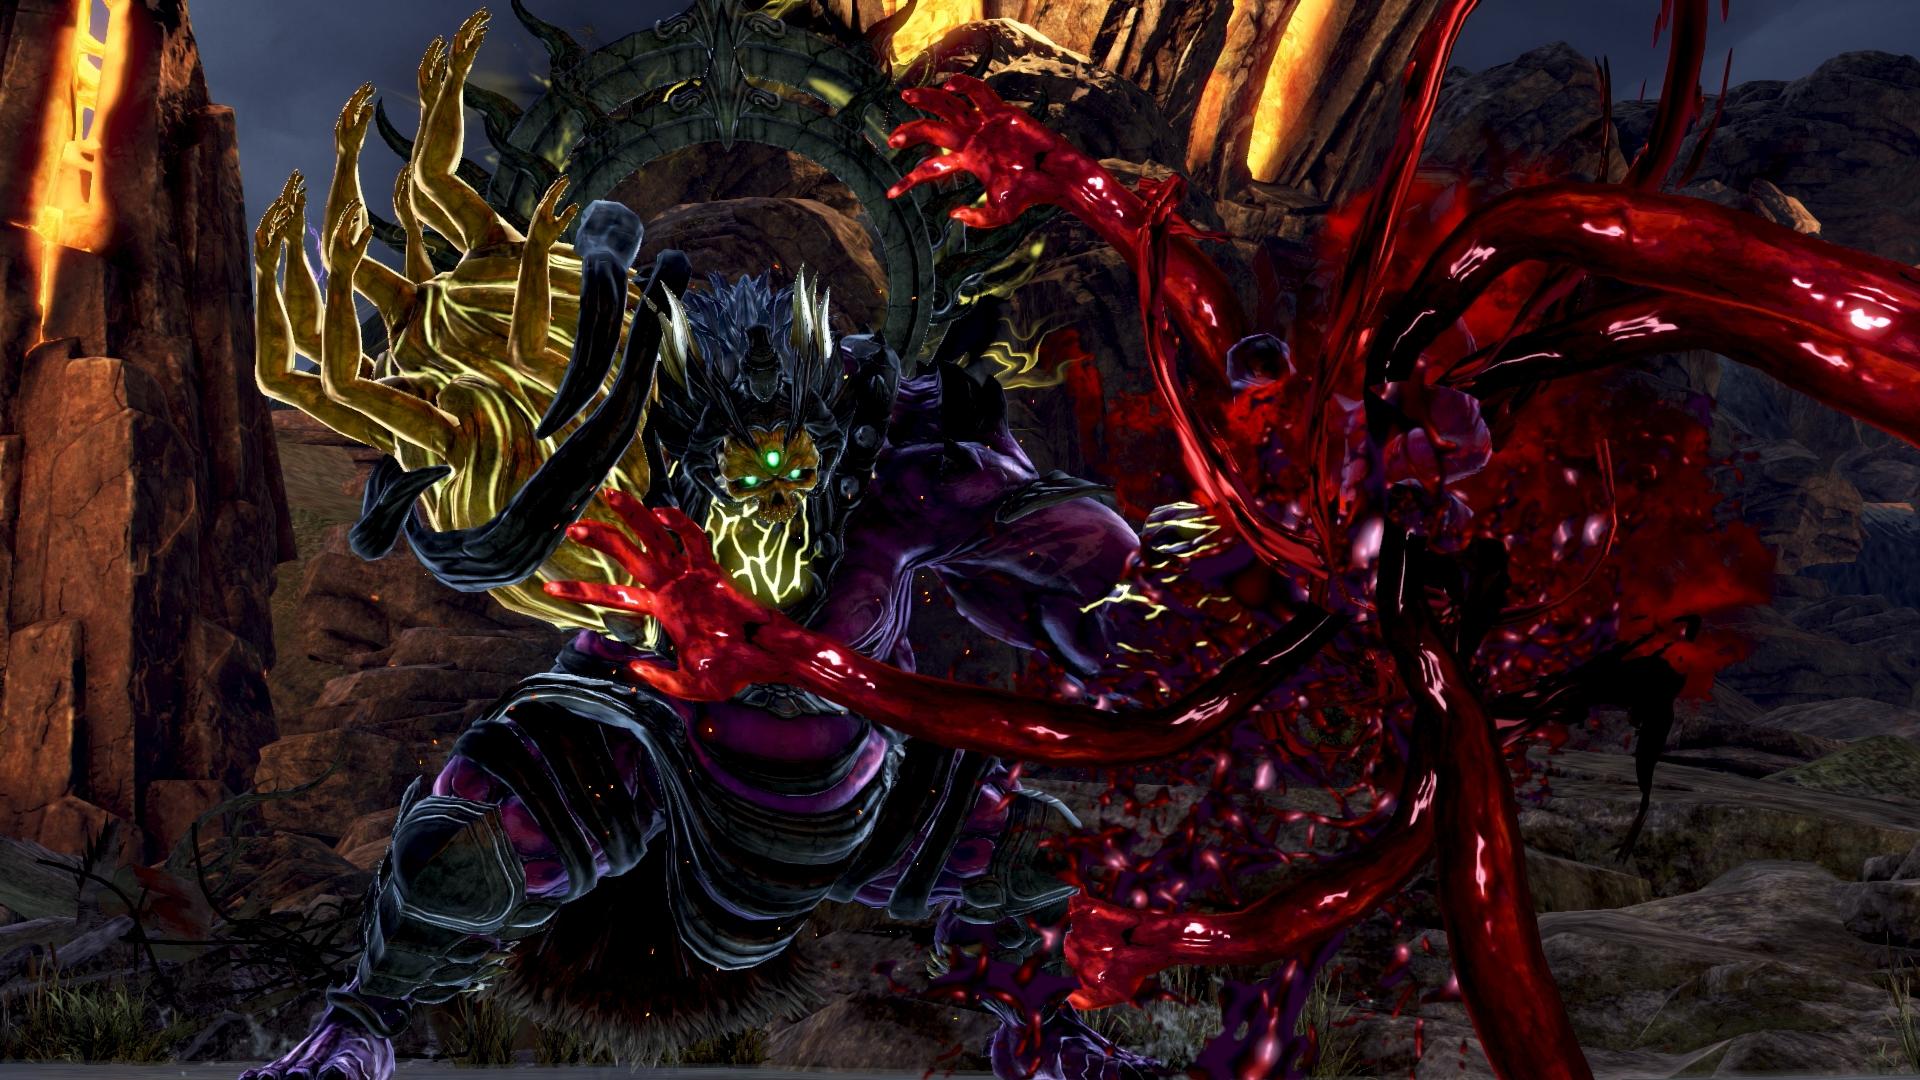 《噬神者3》全新荒神角色系统放出!神机部队战荒神